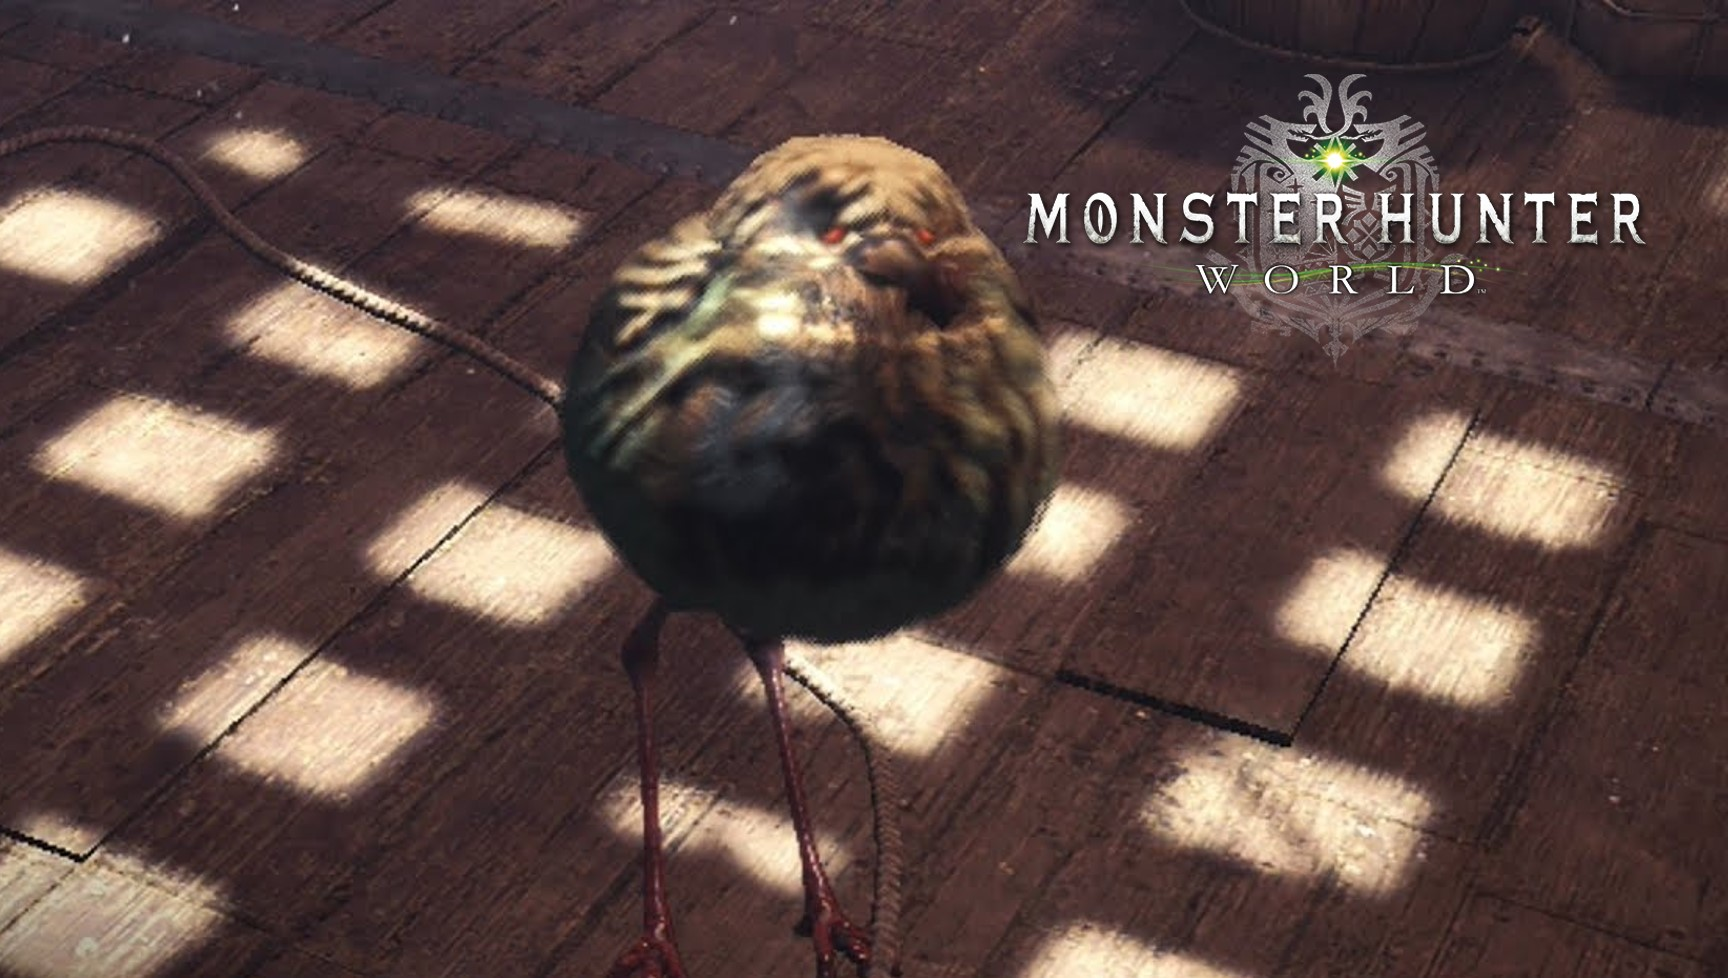 monster-hunter-kraushuhn